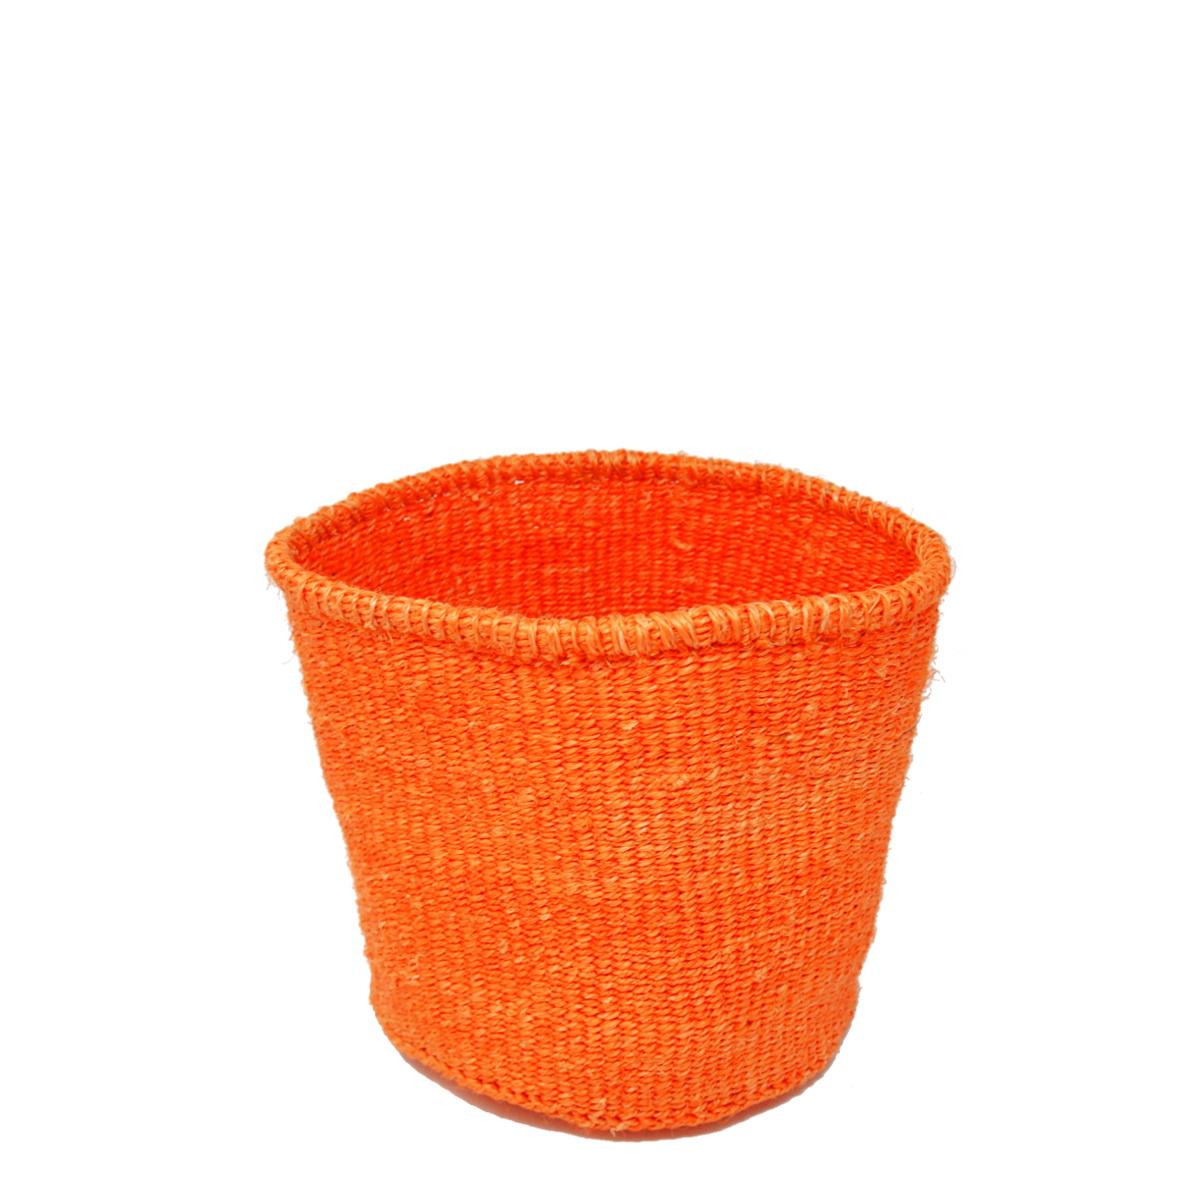 かご Sサイズ ベーシック オレンジ